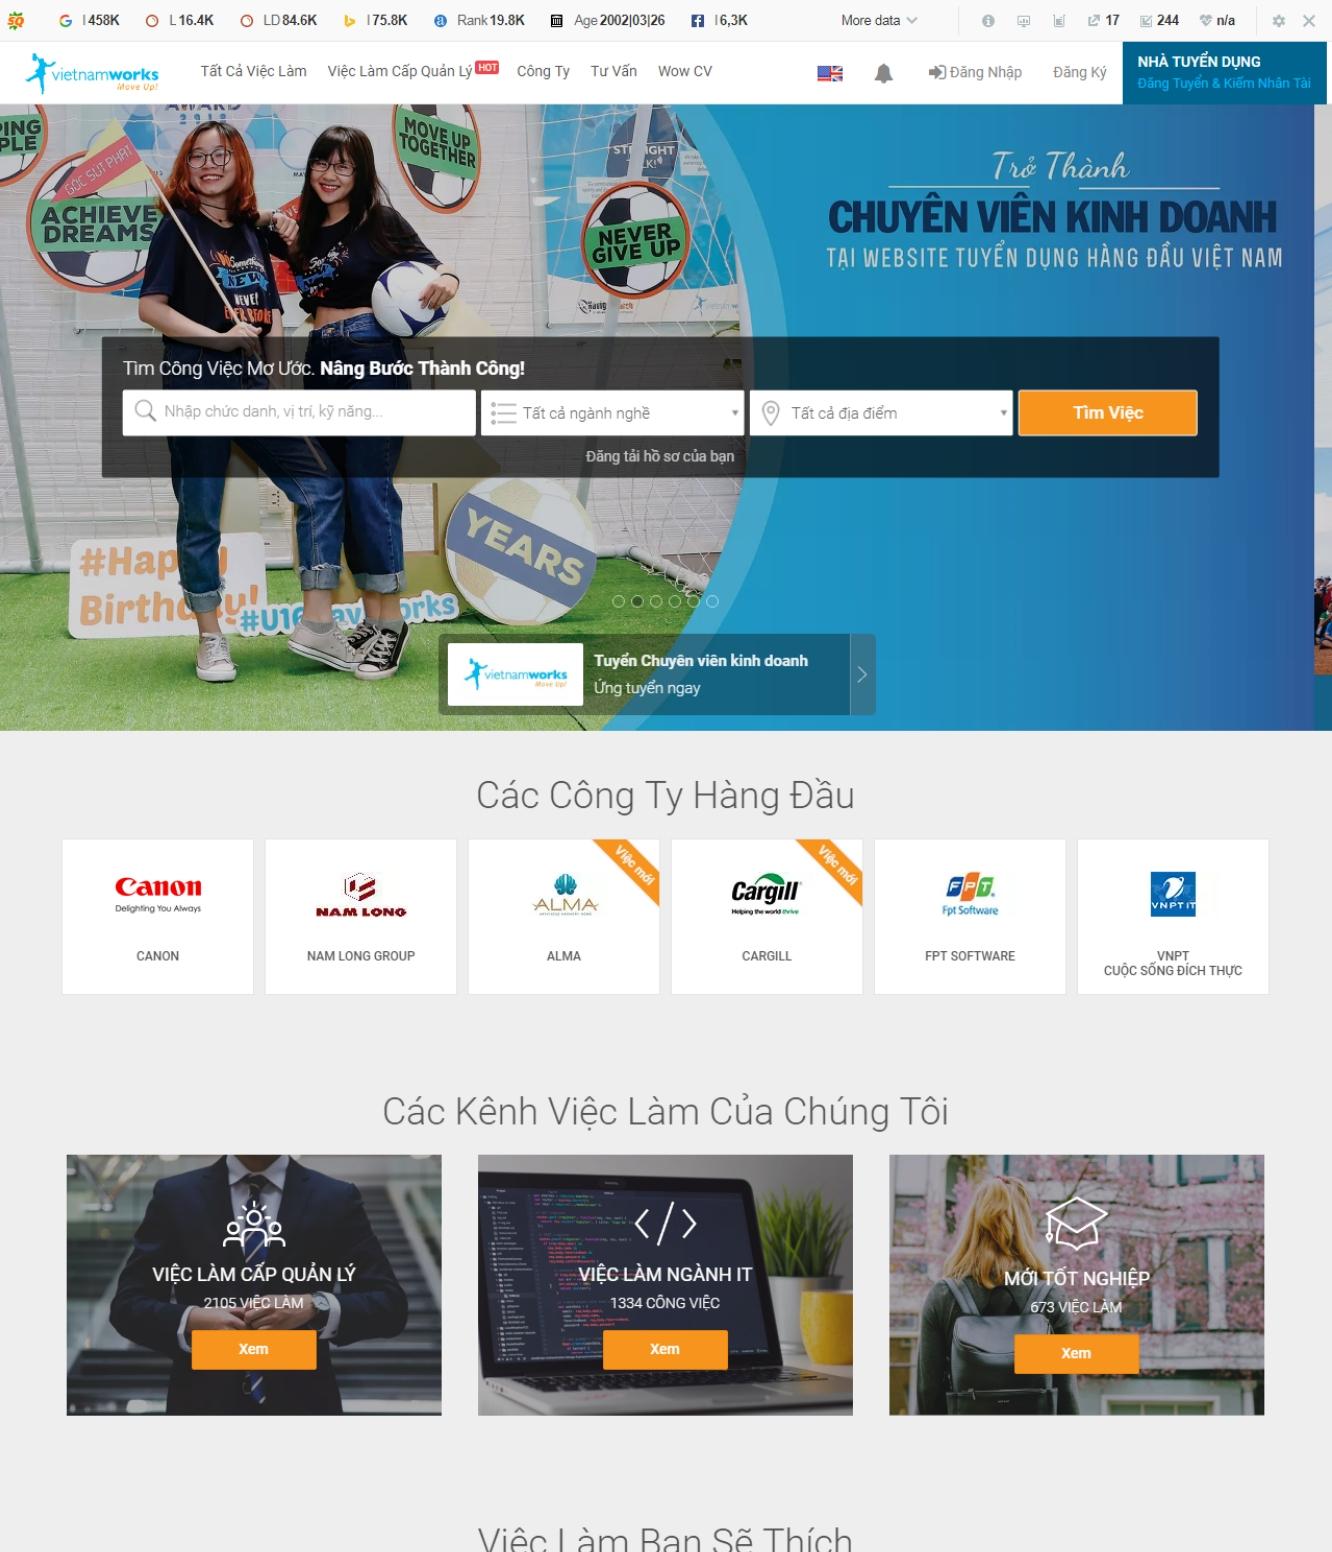 vietnamworks.com  - Thiết Kế Website